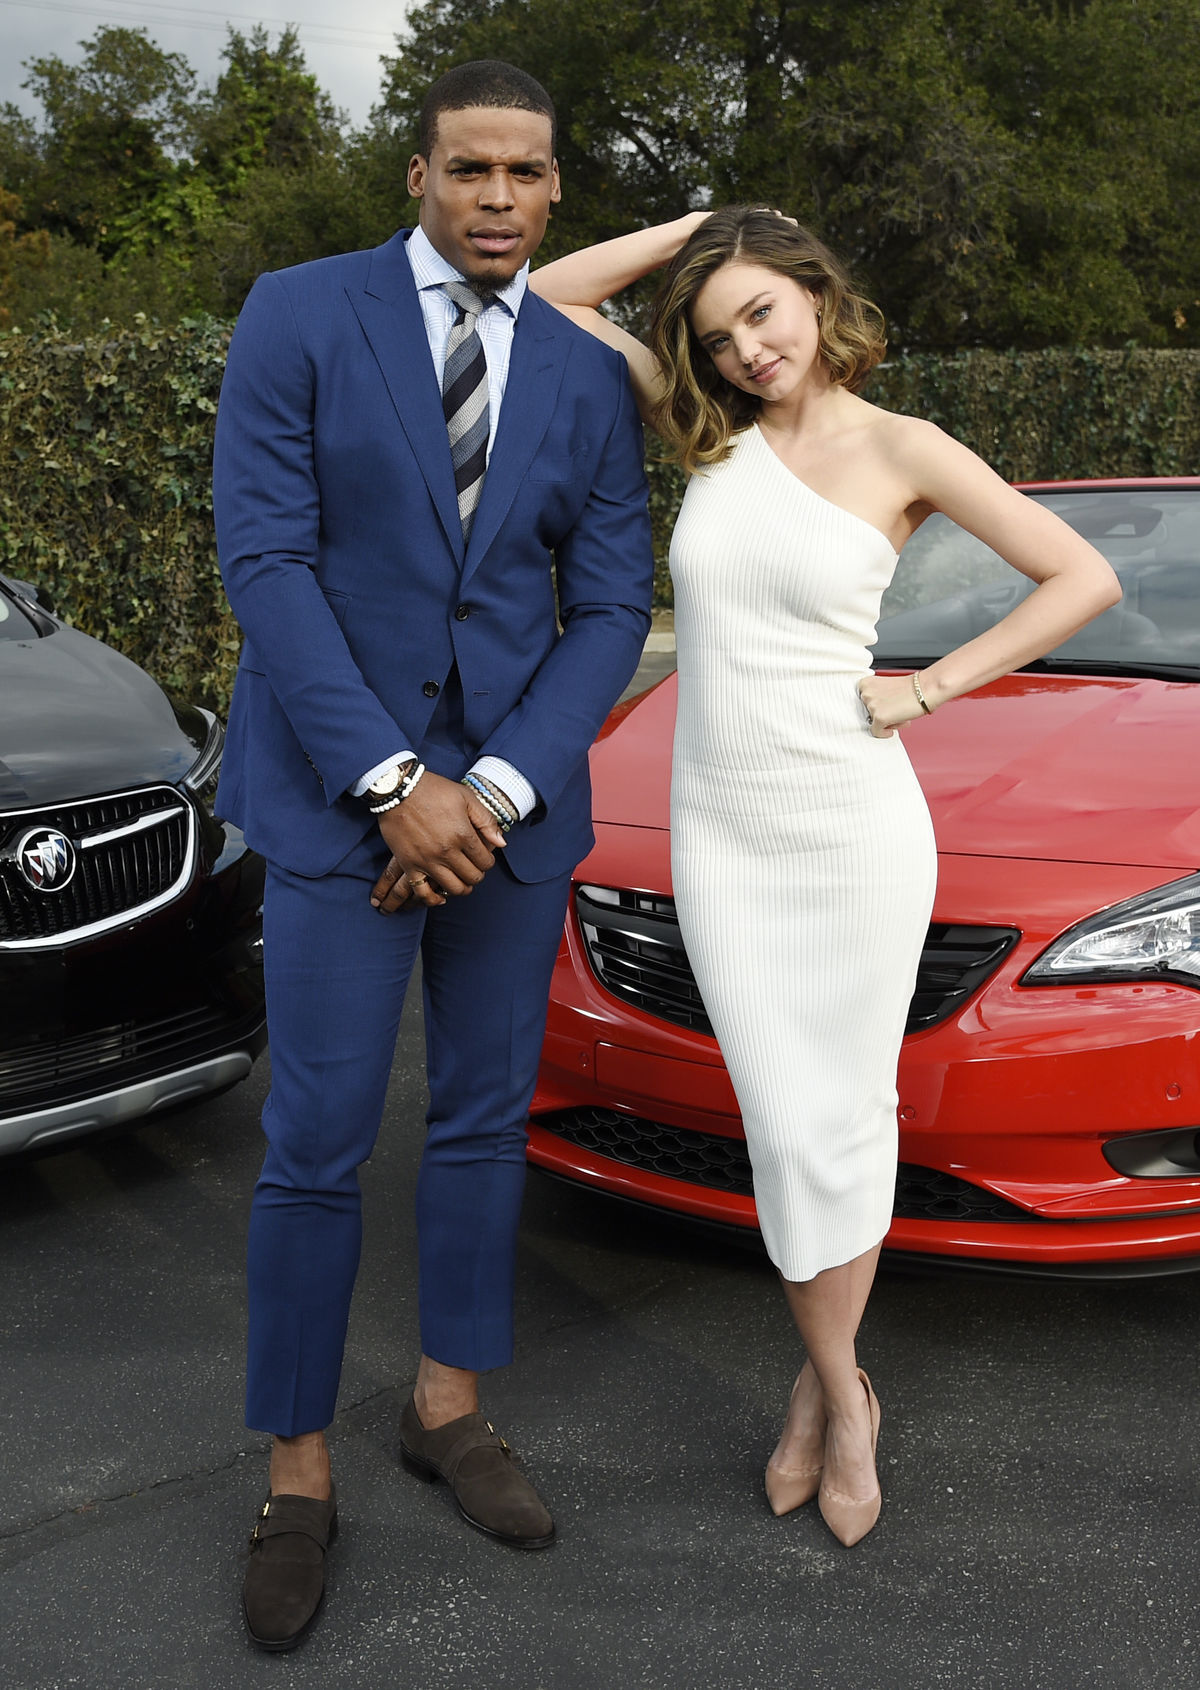 Hráč amerického futbalu Cam Newton a topmodelka Miranda Kerr si spoločne zahrali v reklame na automobilku Buick.